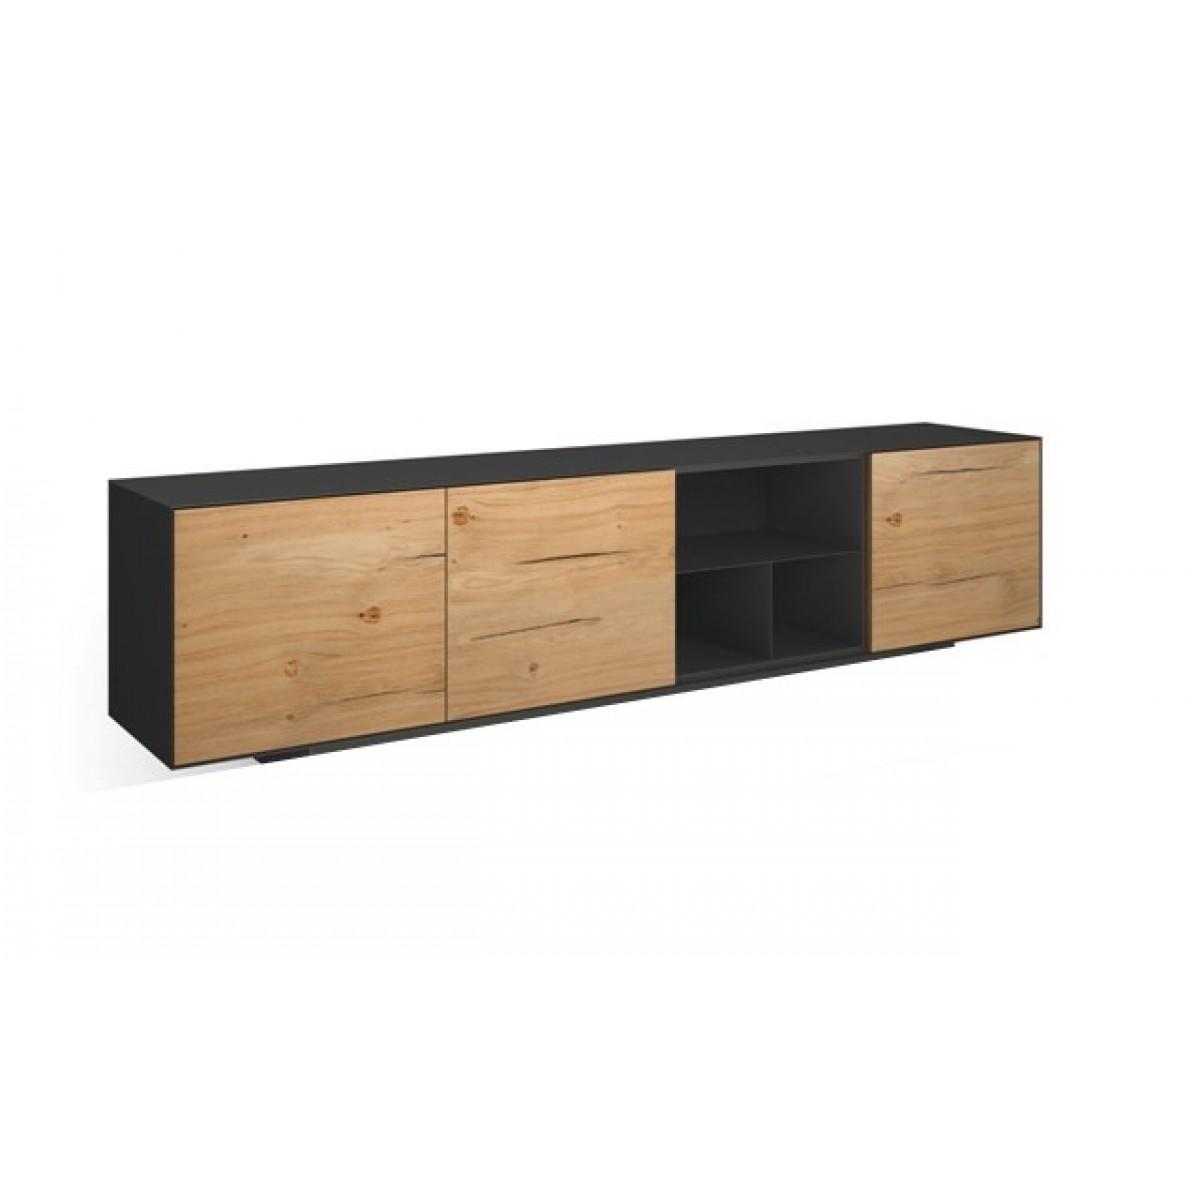 lowboard-tv-dressoir-brooklyn-mintjens-eiken-zwart-metaal-plint-BR6_S2-miltonhouse